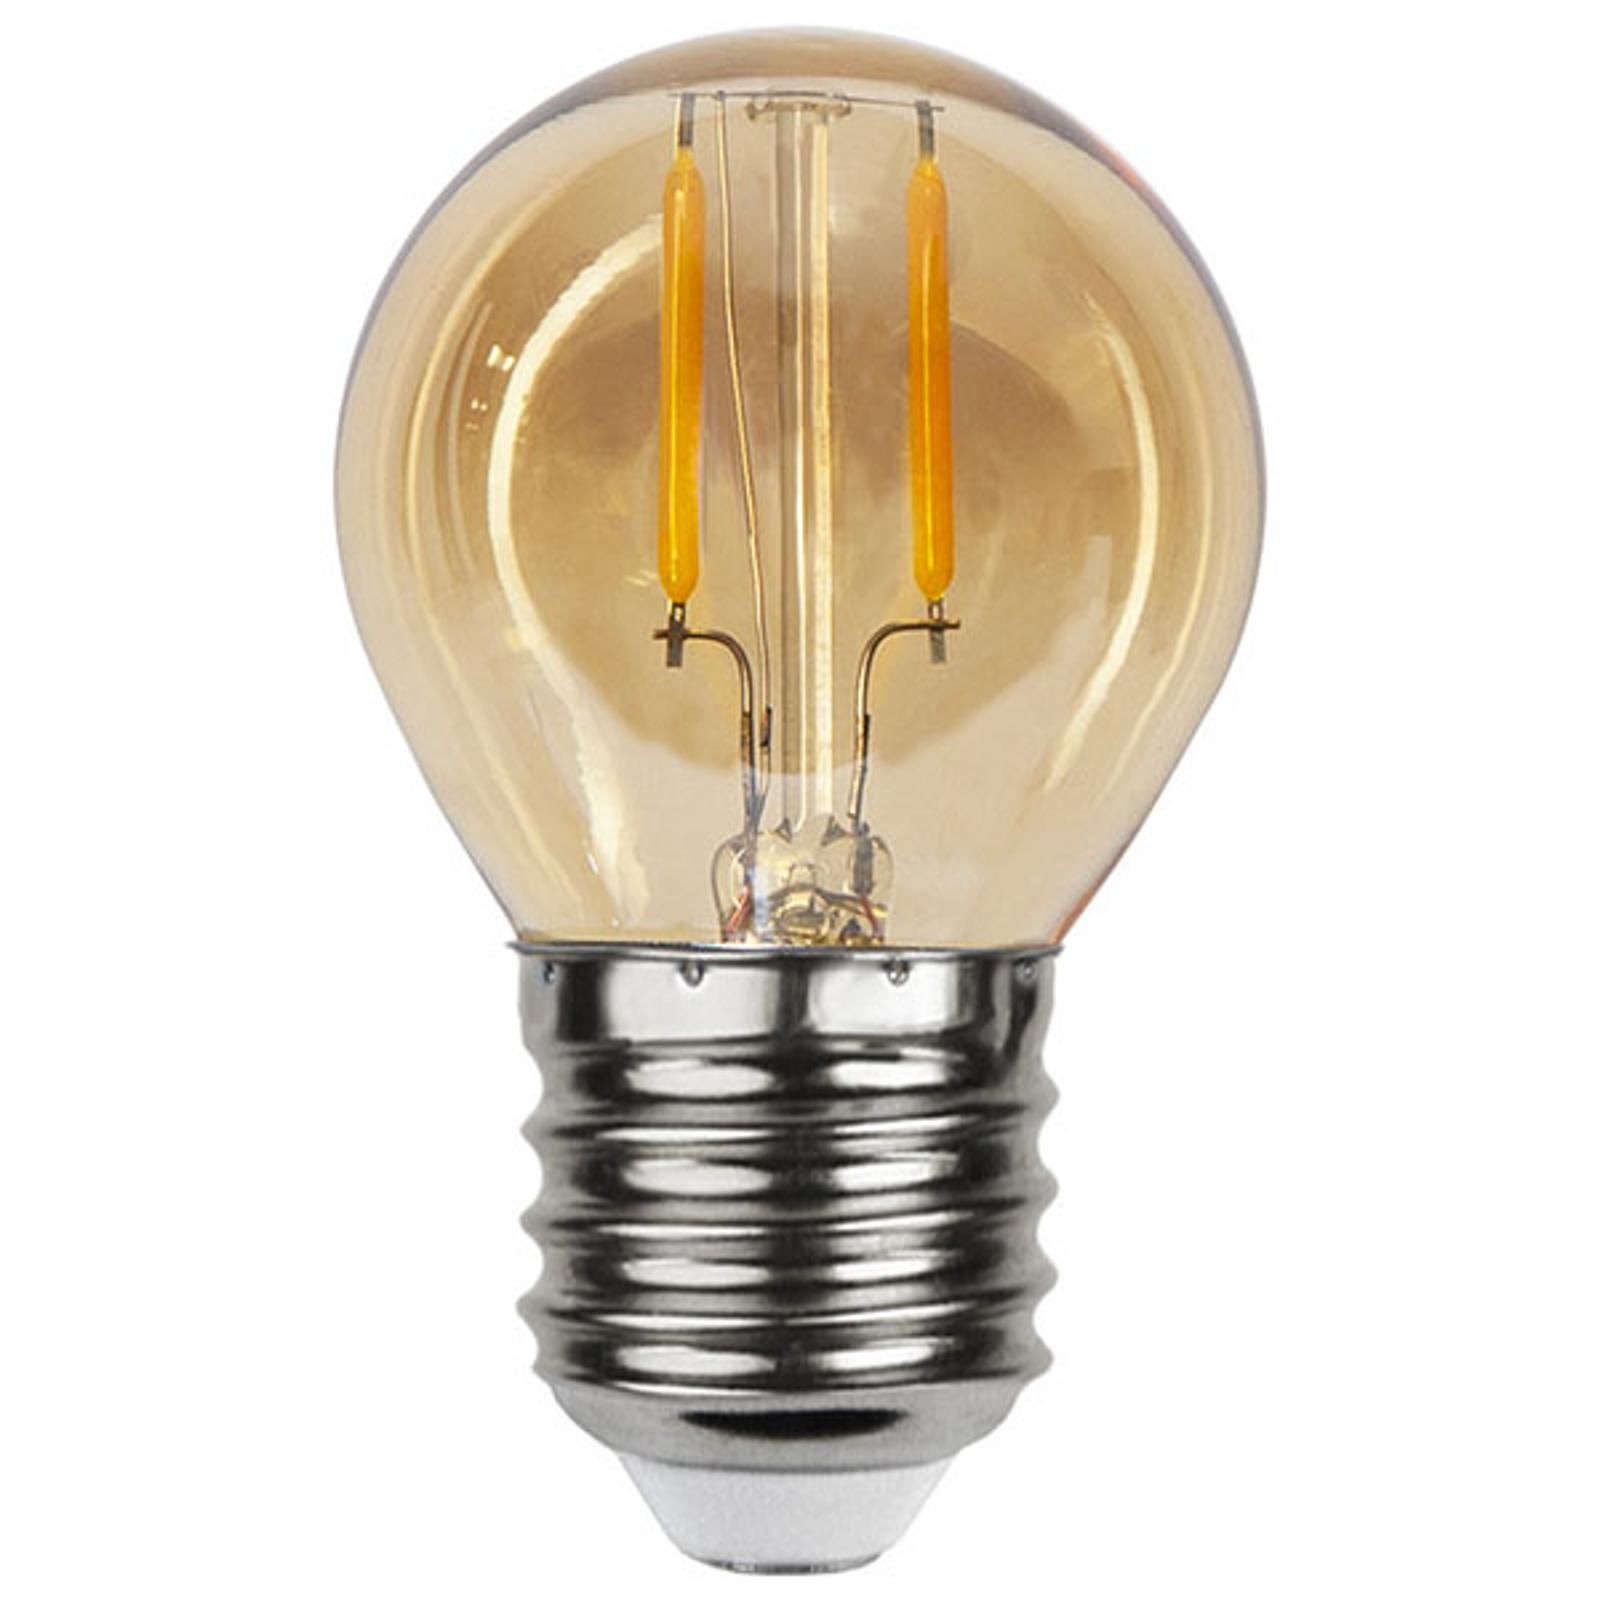 led lampen 24v g4 sockel